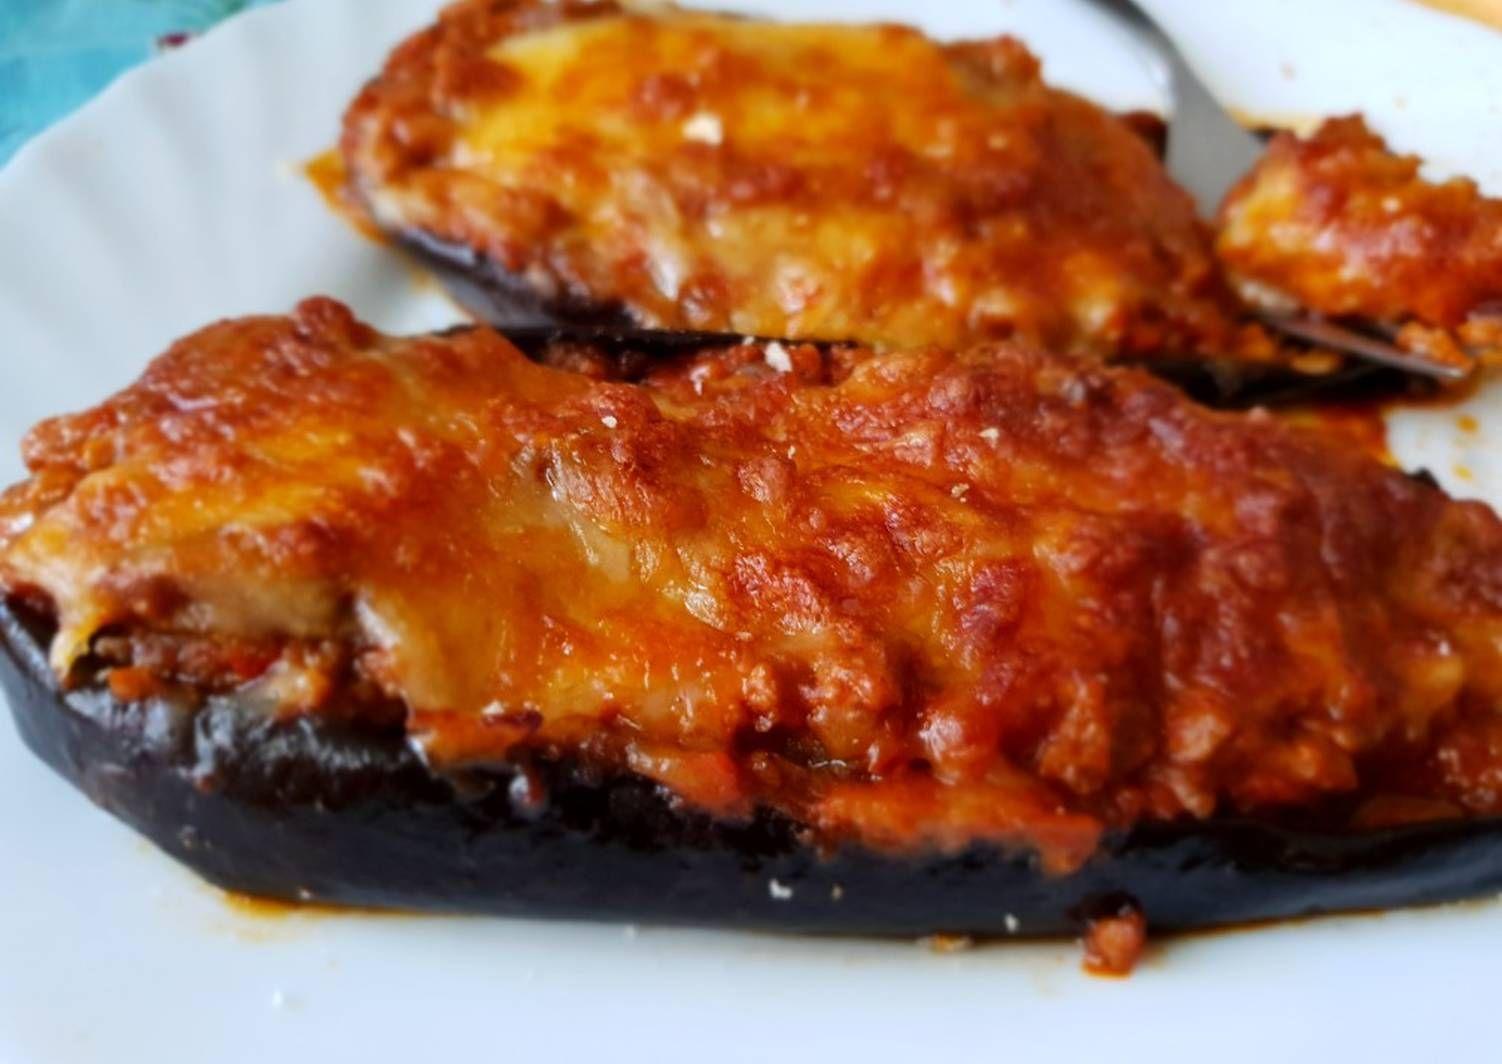 Berenjenas Rellenas De Carne Picada Y Tomate Receta En 2020 Recetas Con Tomate Berenjenas Rellenas Y Berenjenas Rellenas Carne